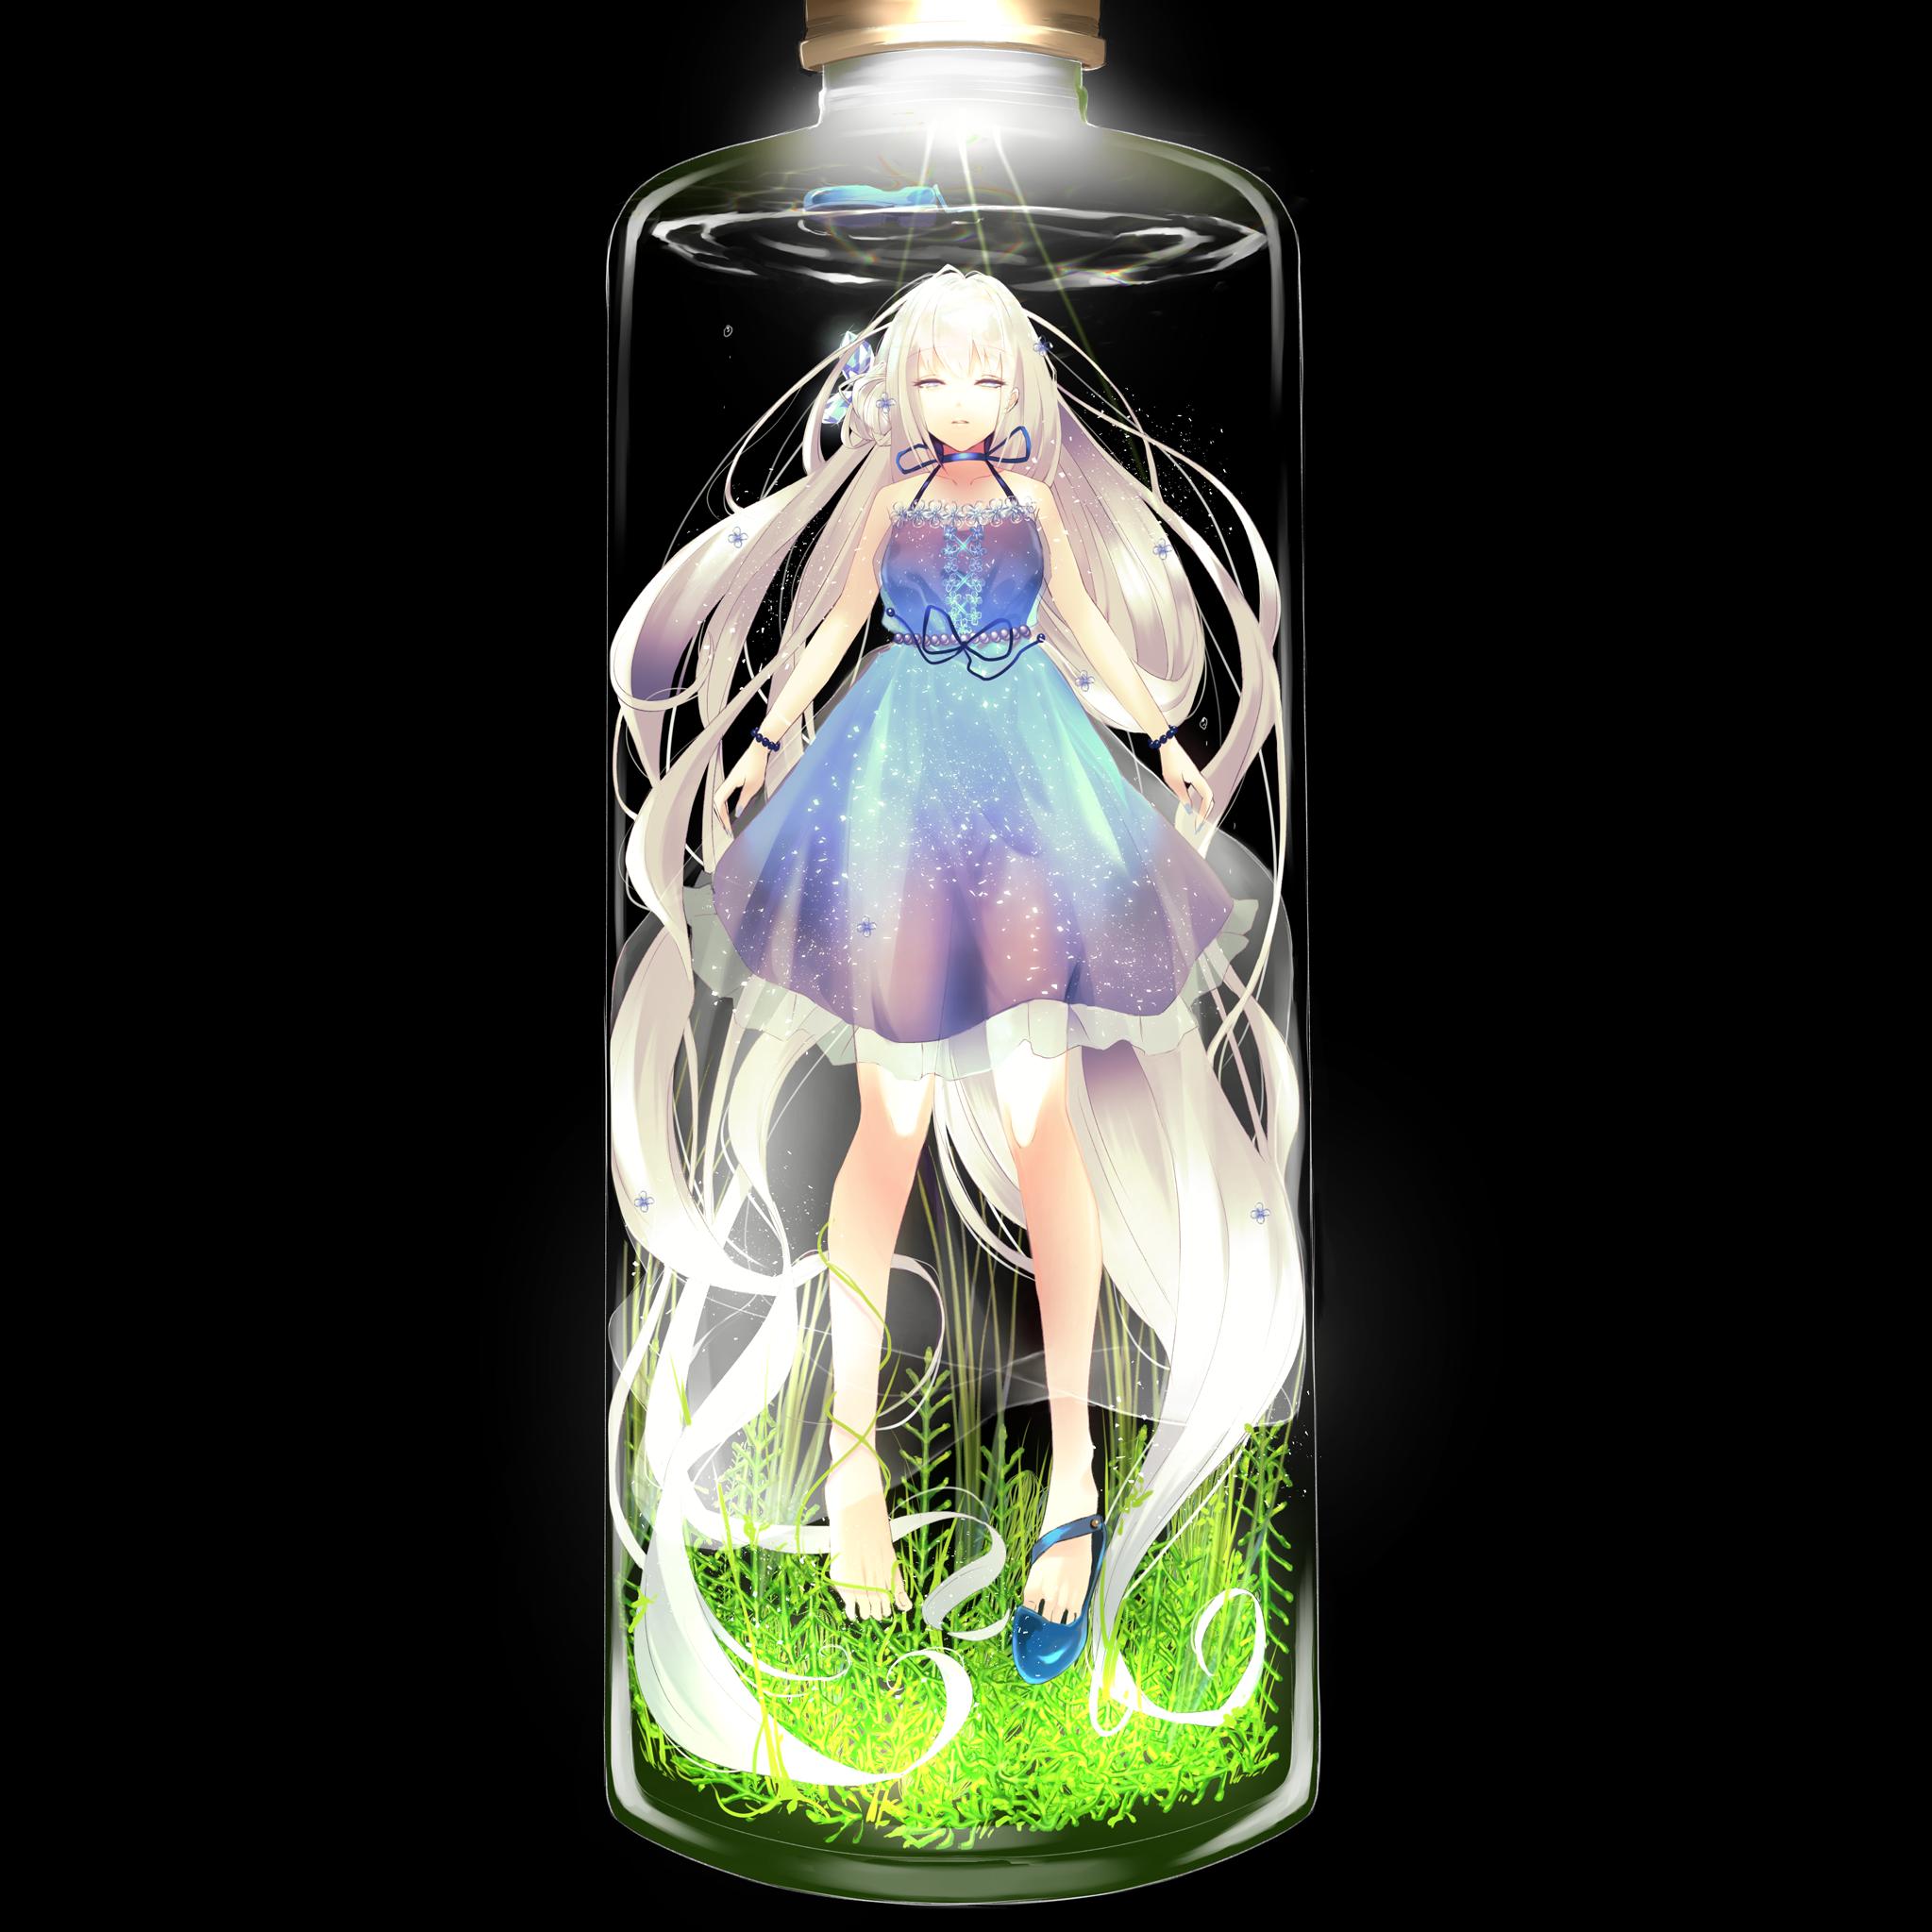 瓶詰め少女 スキマ スキルのオーダーメイドマーケット Skima